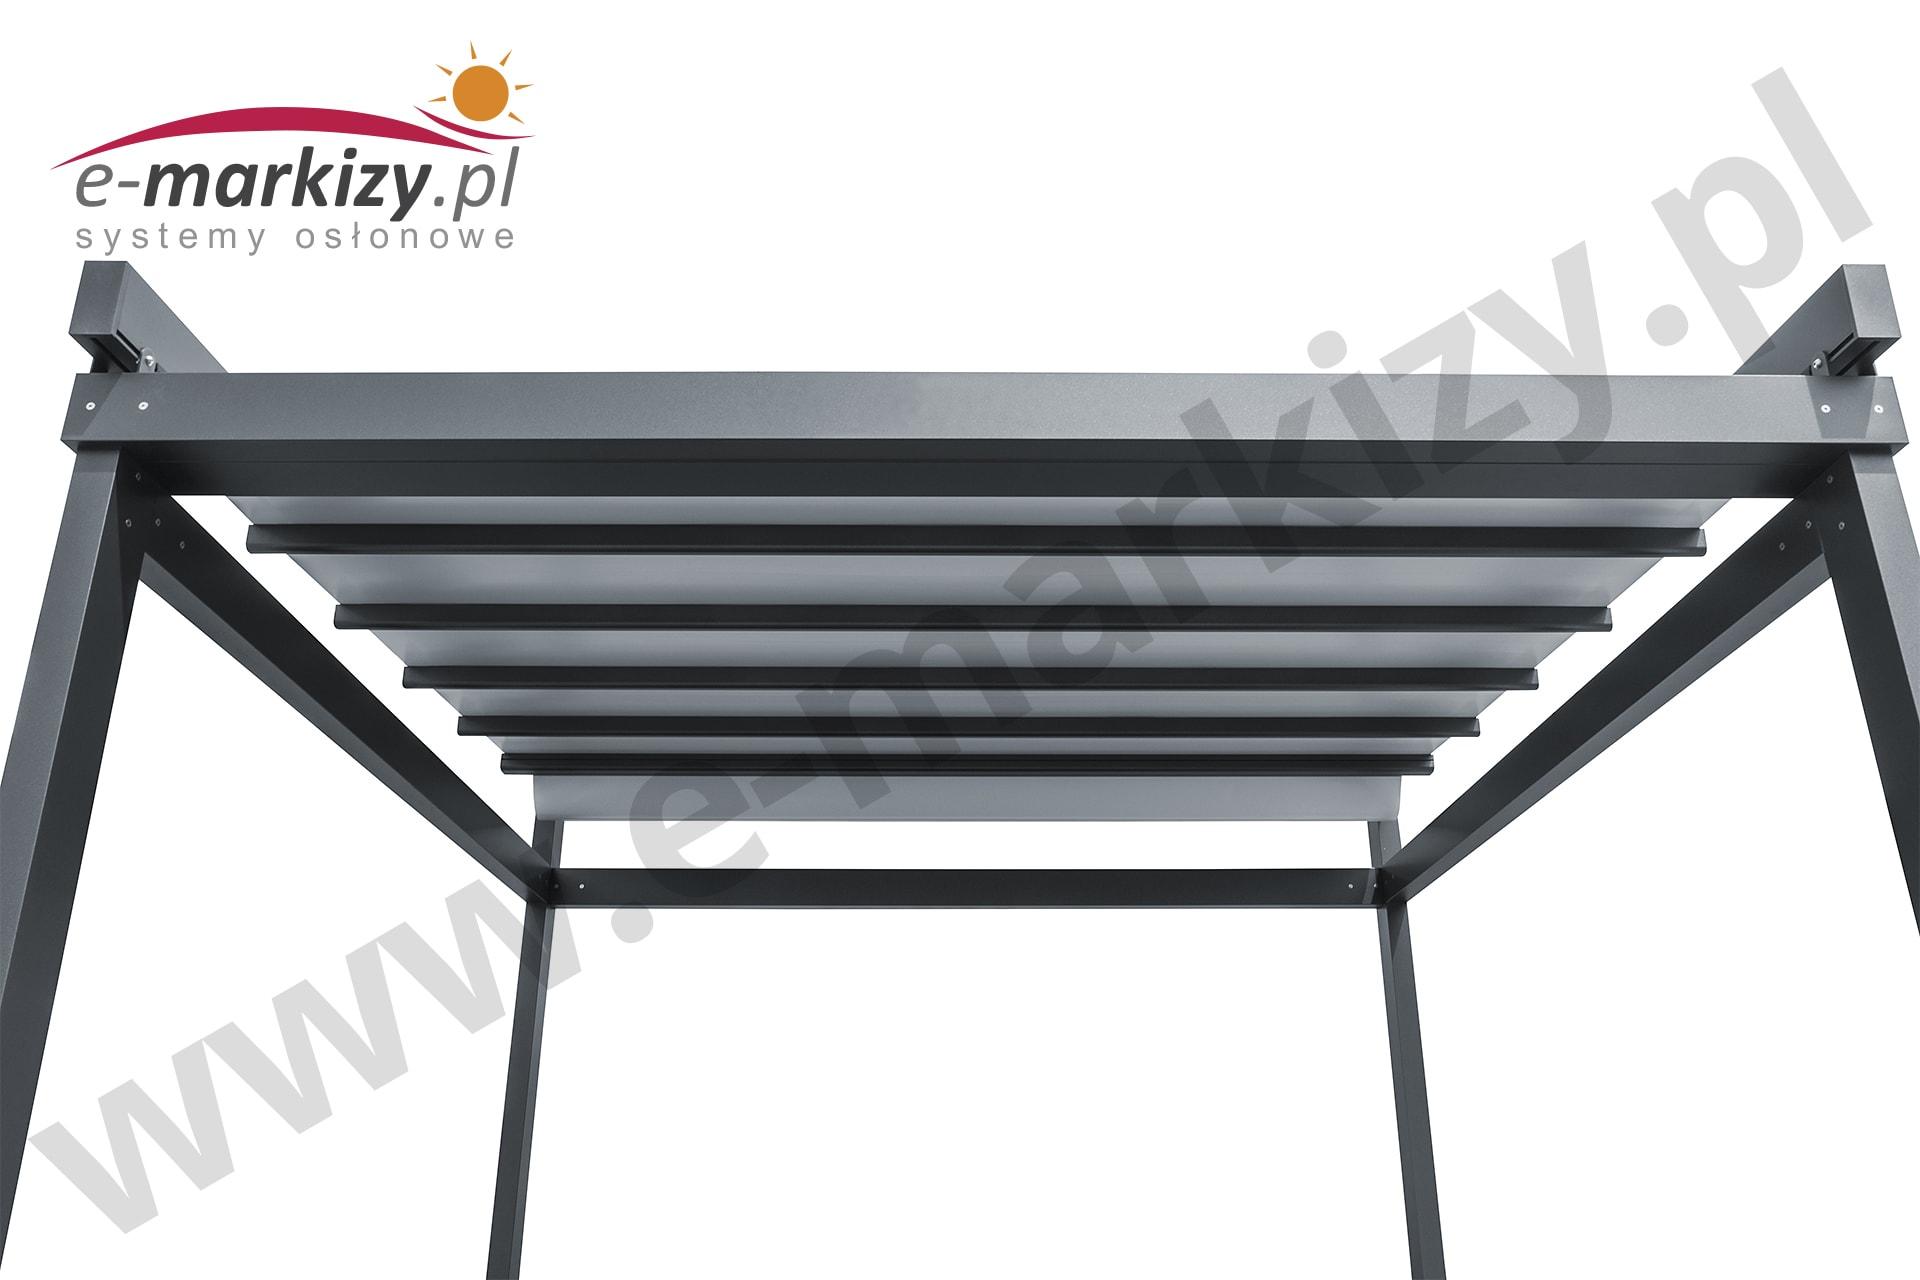 Pergola SOLID aluminium różne kolory na zamówienie